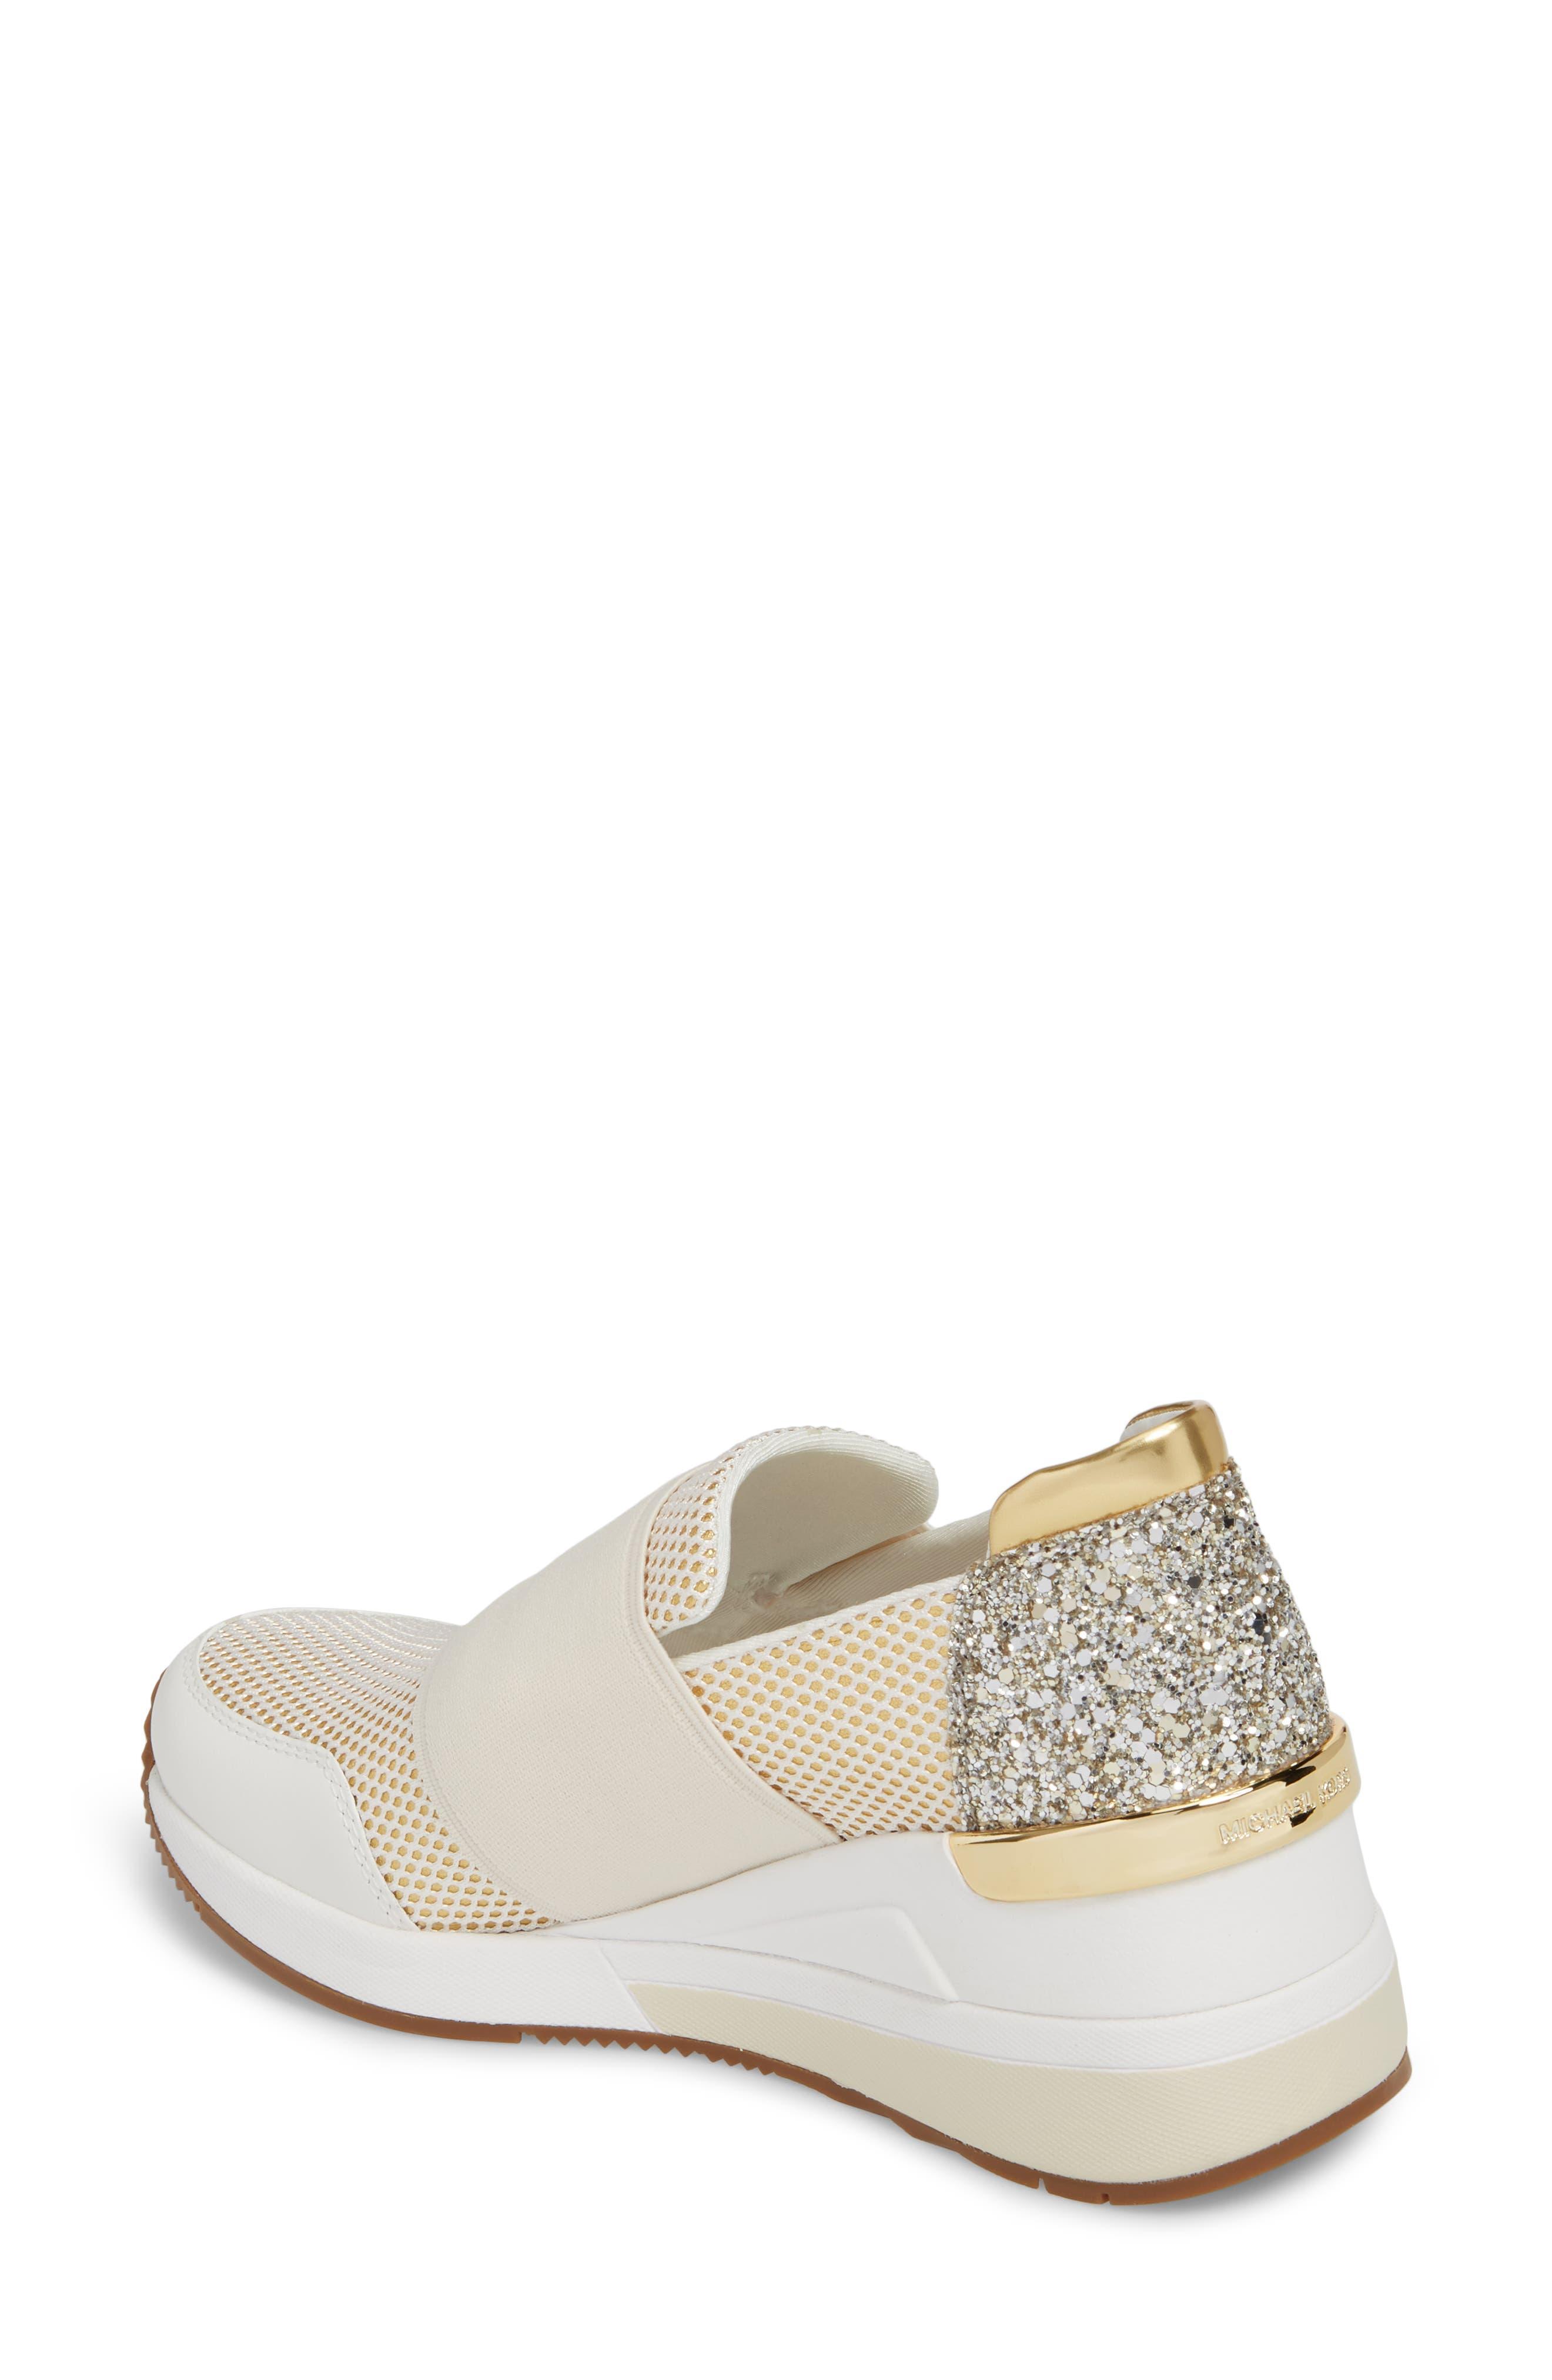 Felix Slip-On Glitter Sneaker,                             Alternate thumbnail 2, color,                             Gold